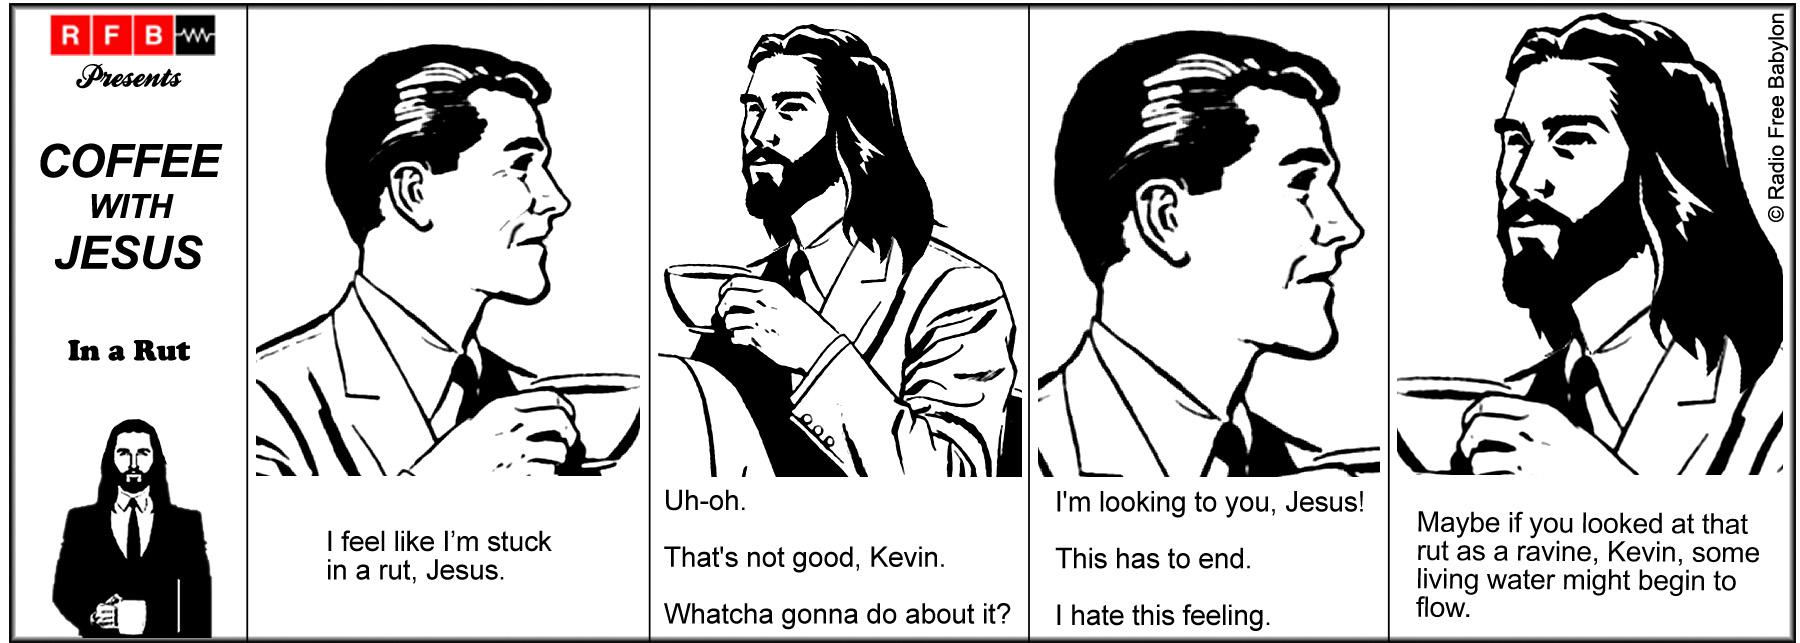 coffeewithjesus997.jpg